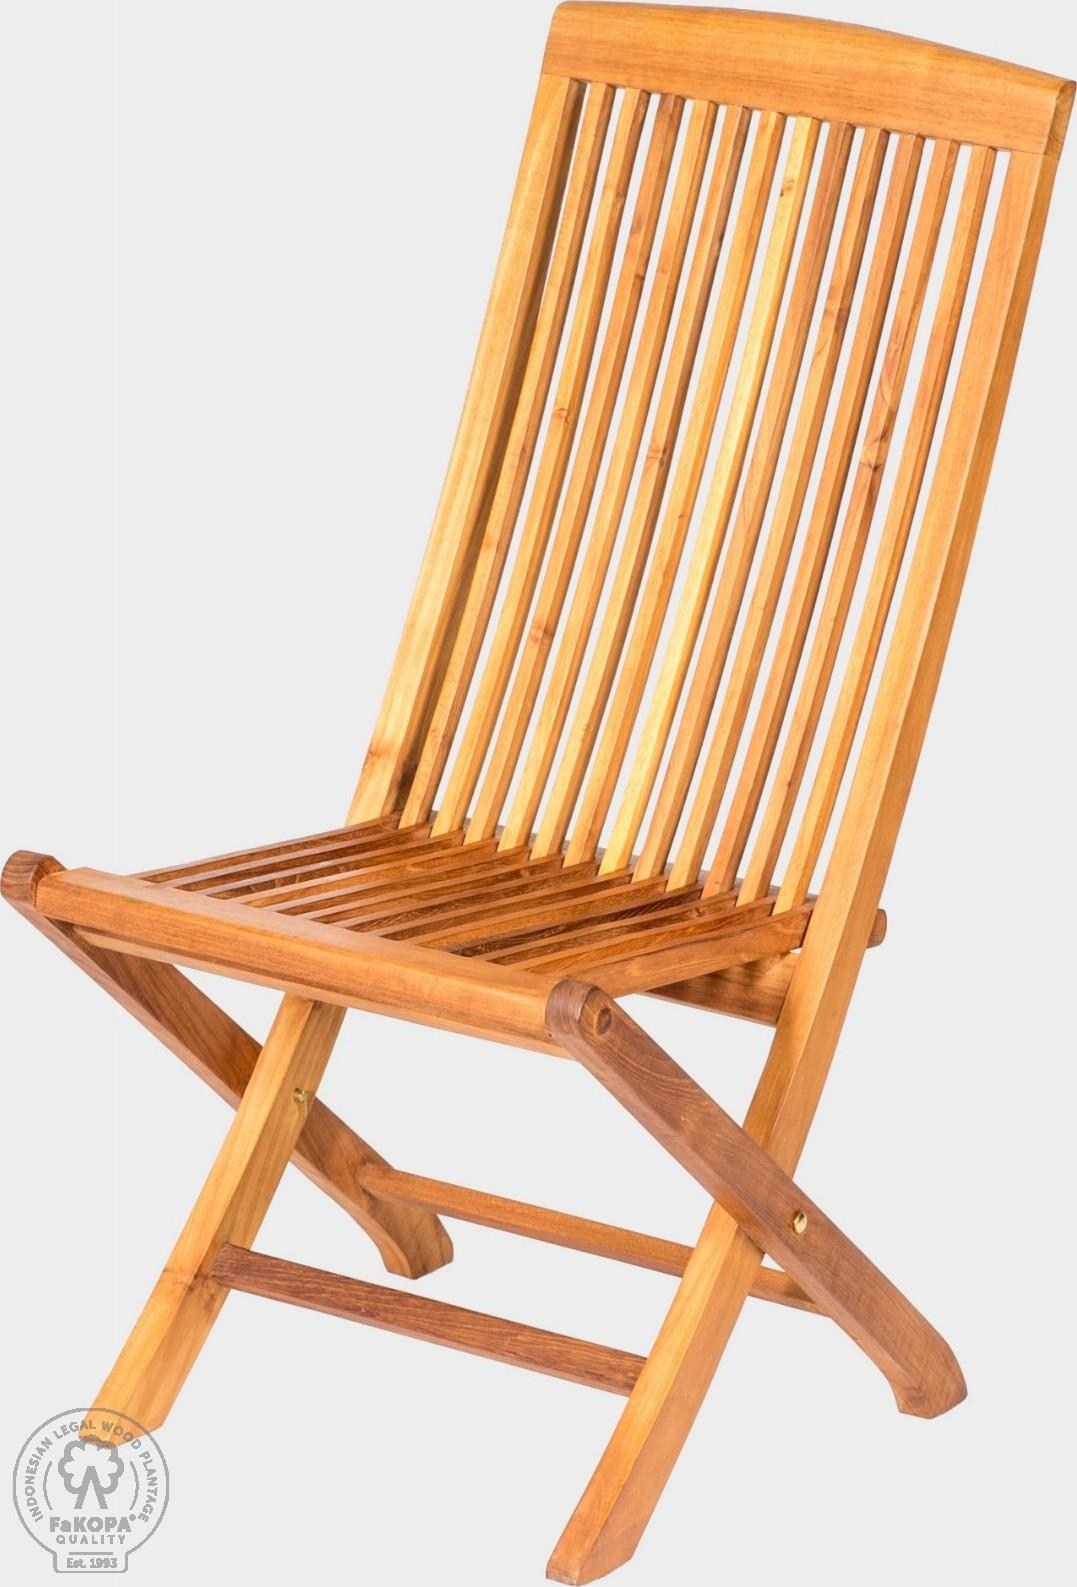 FaKOPA Teaková židle na zahradu Sophie